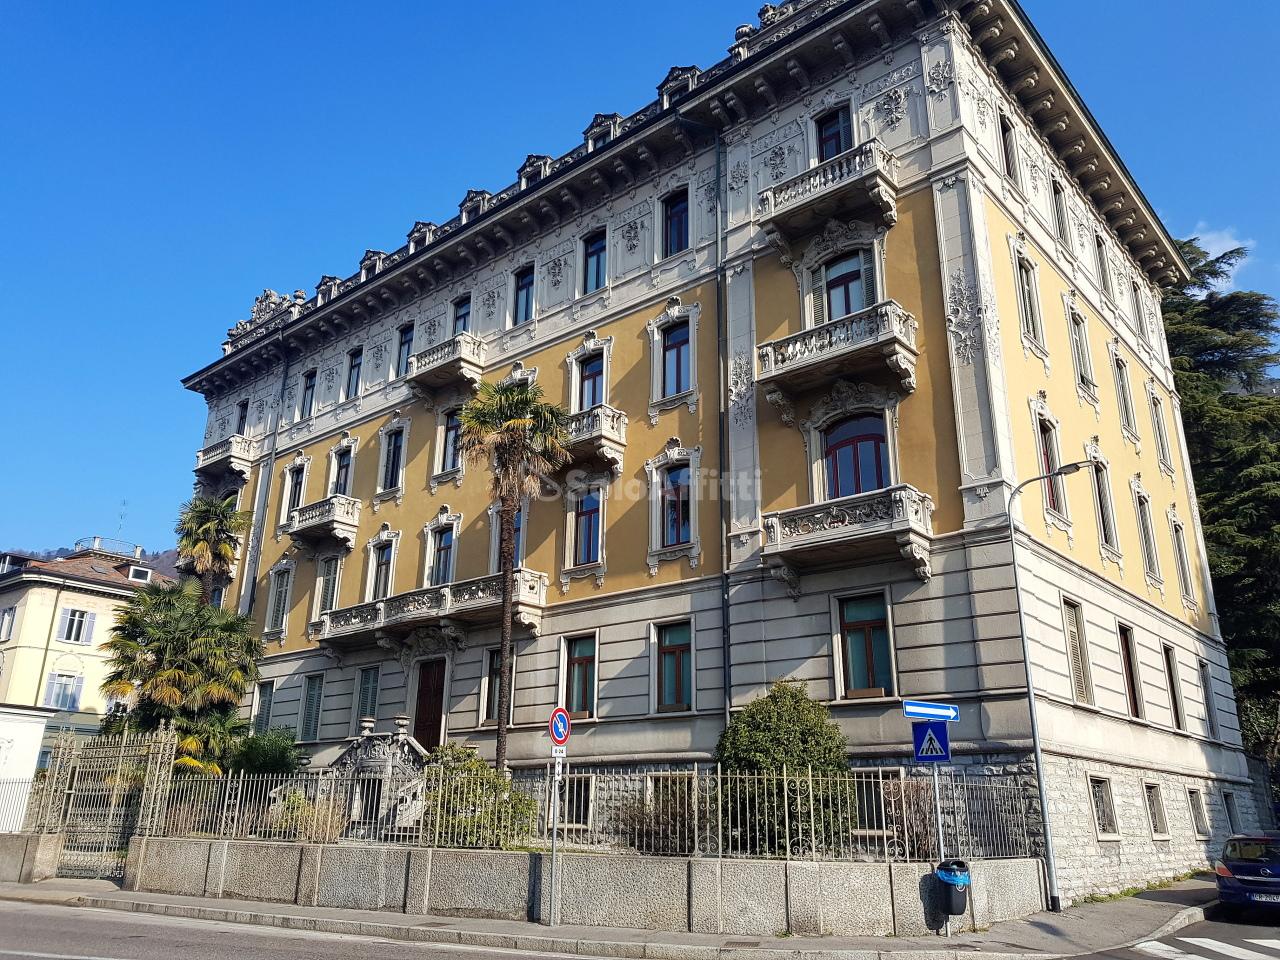 Ufficio in affitto a Como (CO)